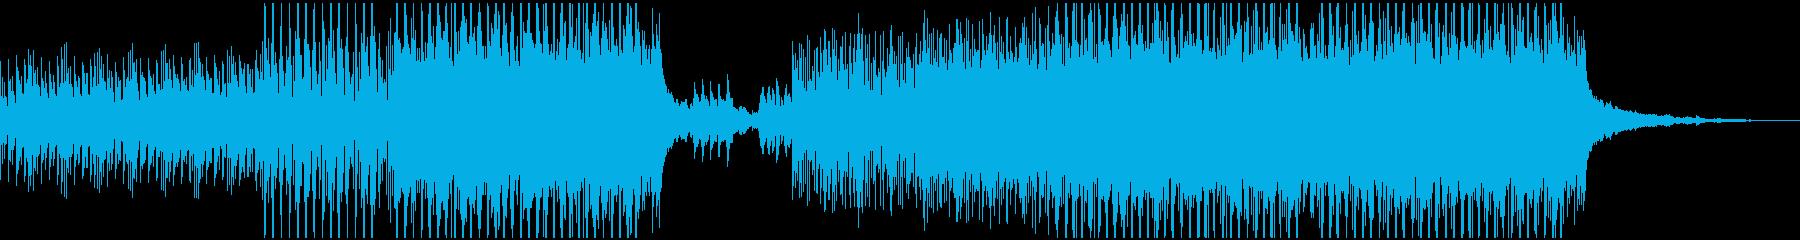 ミステリー風ダウンテンポBGMの再生済みの波形